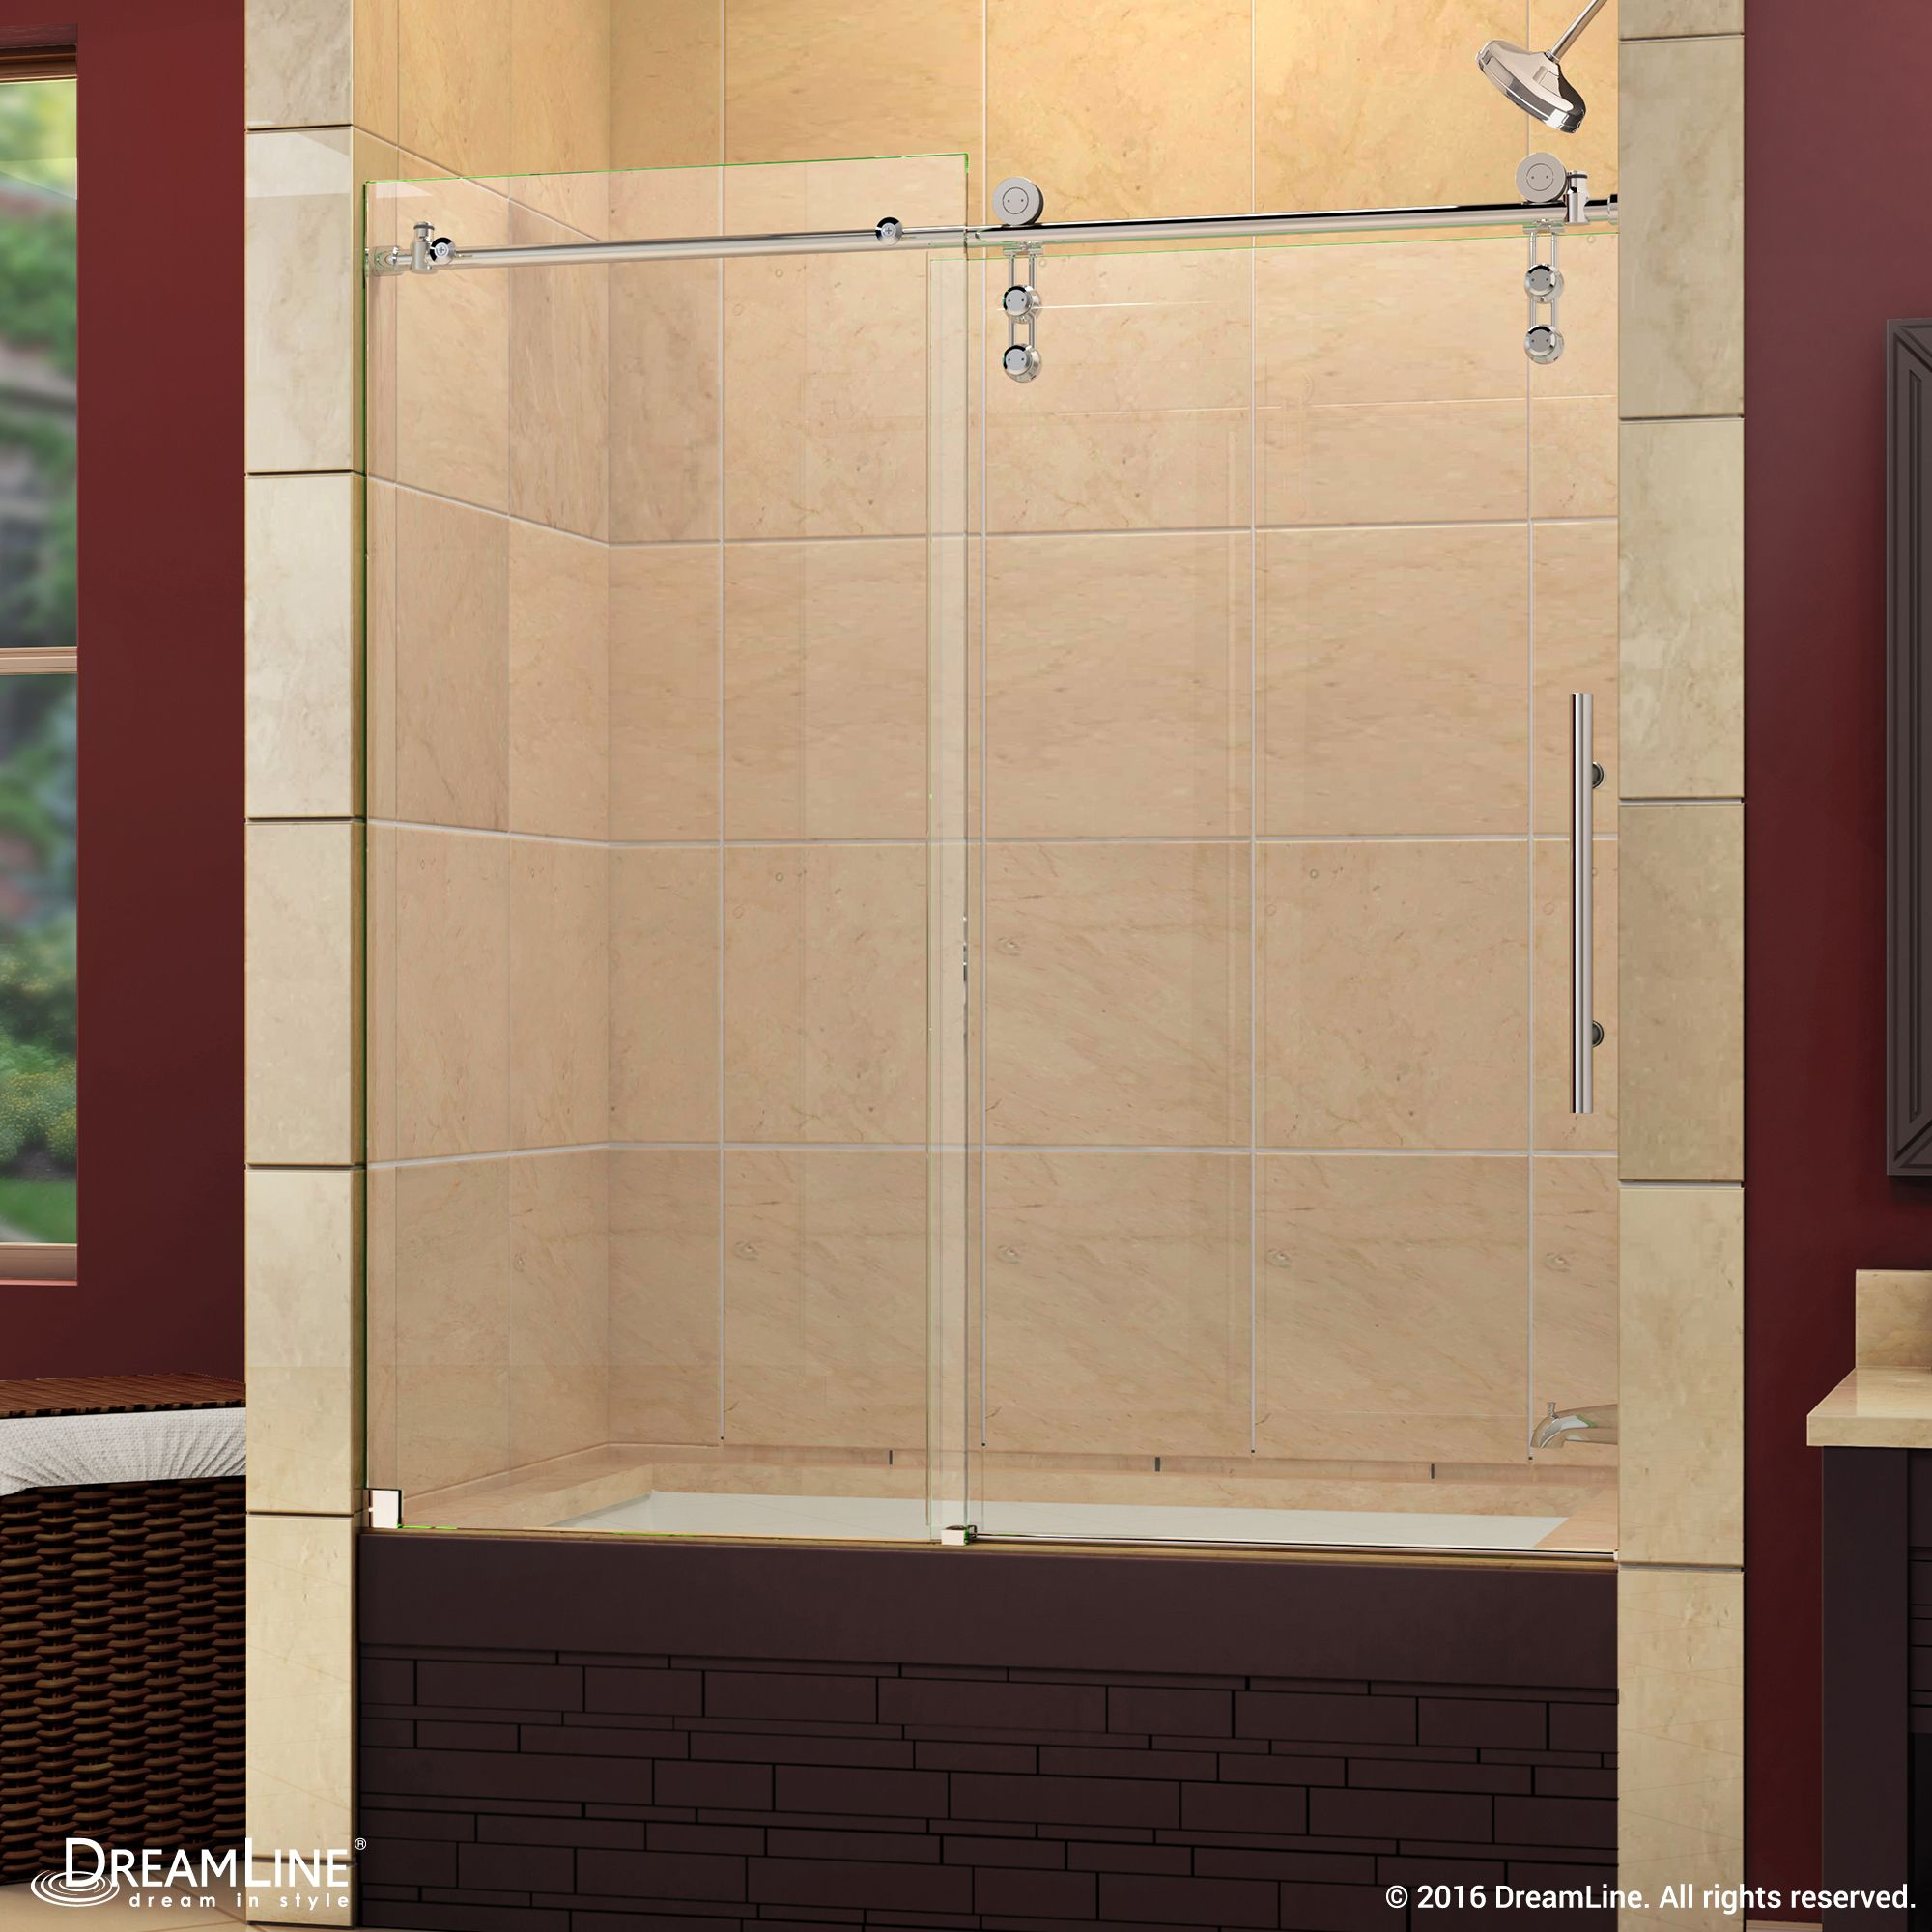 The dreamline enigmaz is a fully frameless sliding shower door tub